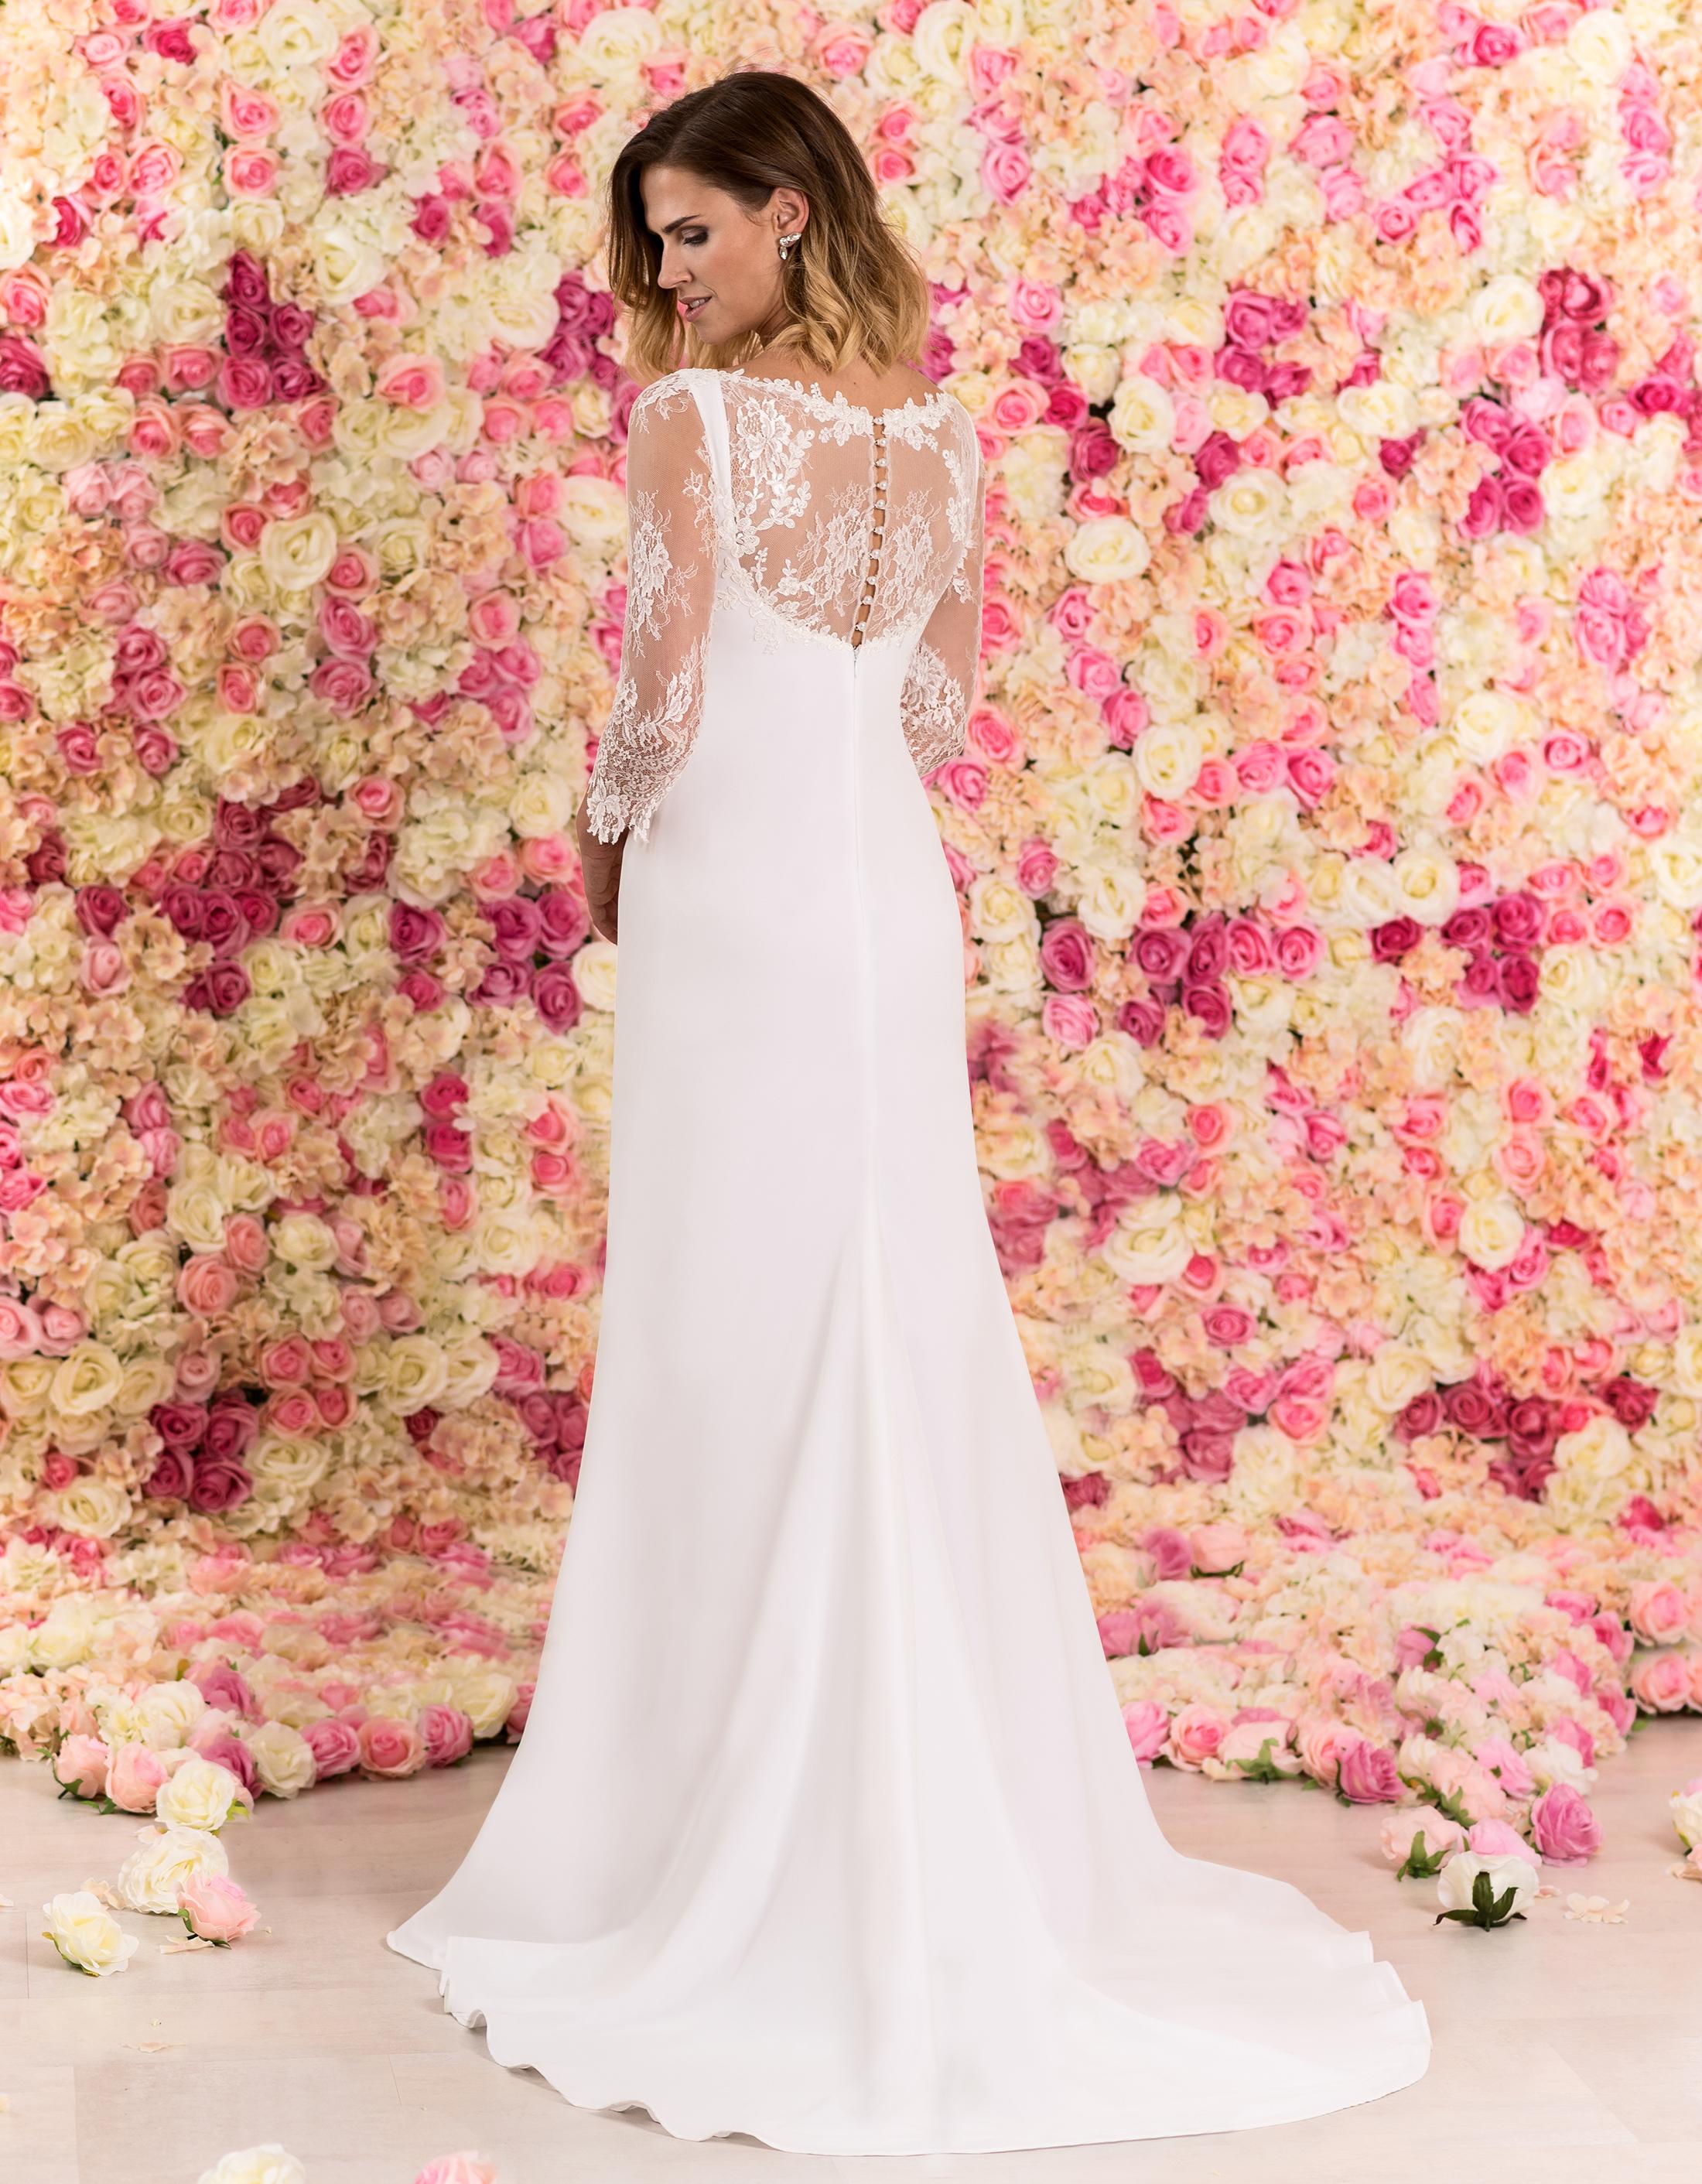 Rückansicht des Brautkleids Caprice mit tiefem Rückenausschnitt mit Spitzeneinsatz